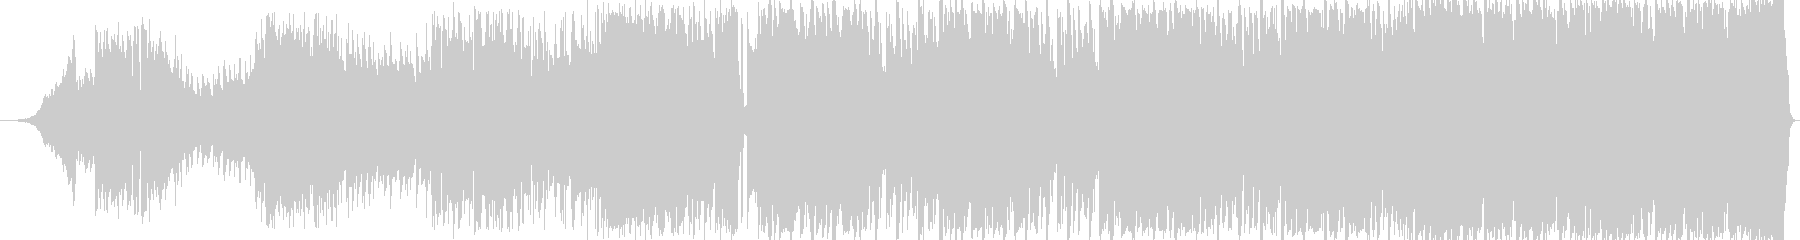 90sなオシャレで疾走感溢れるEDM洋楽の未再生の波形